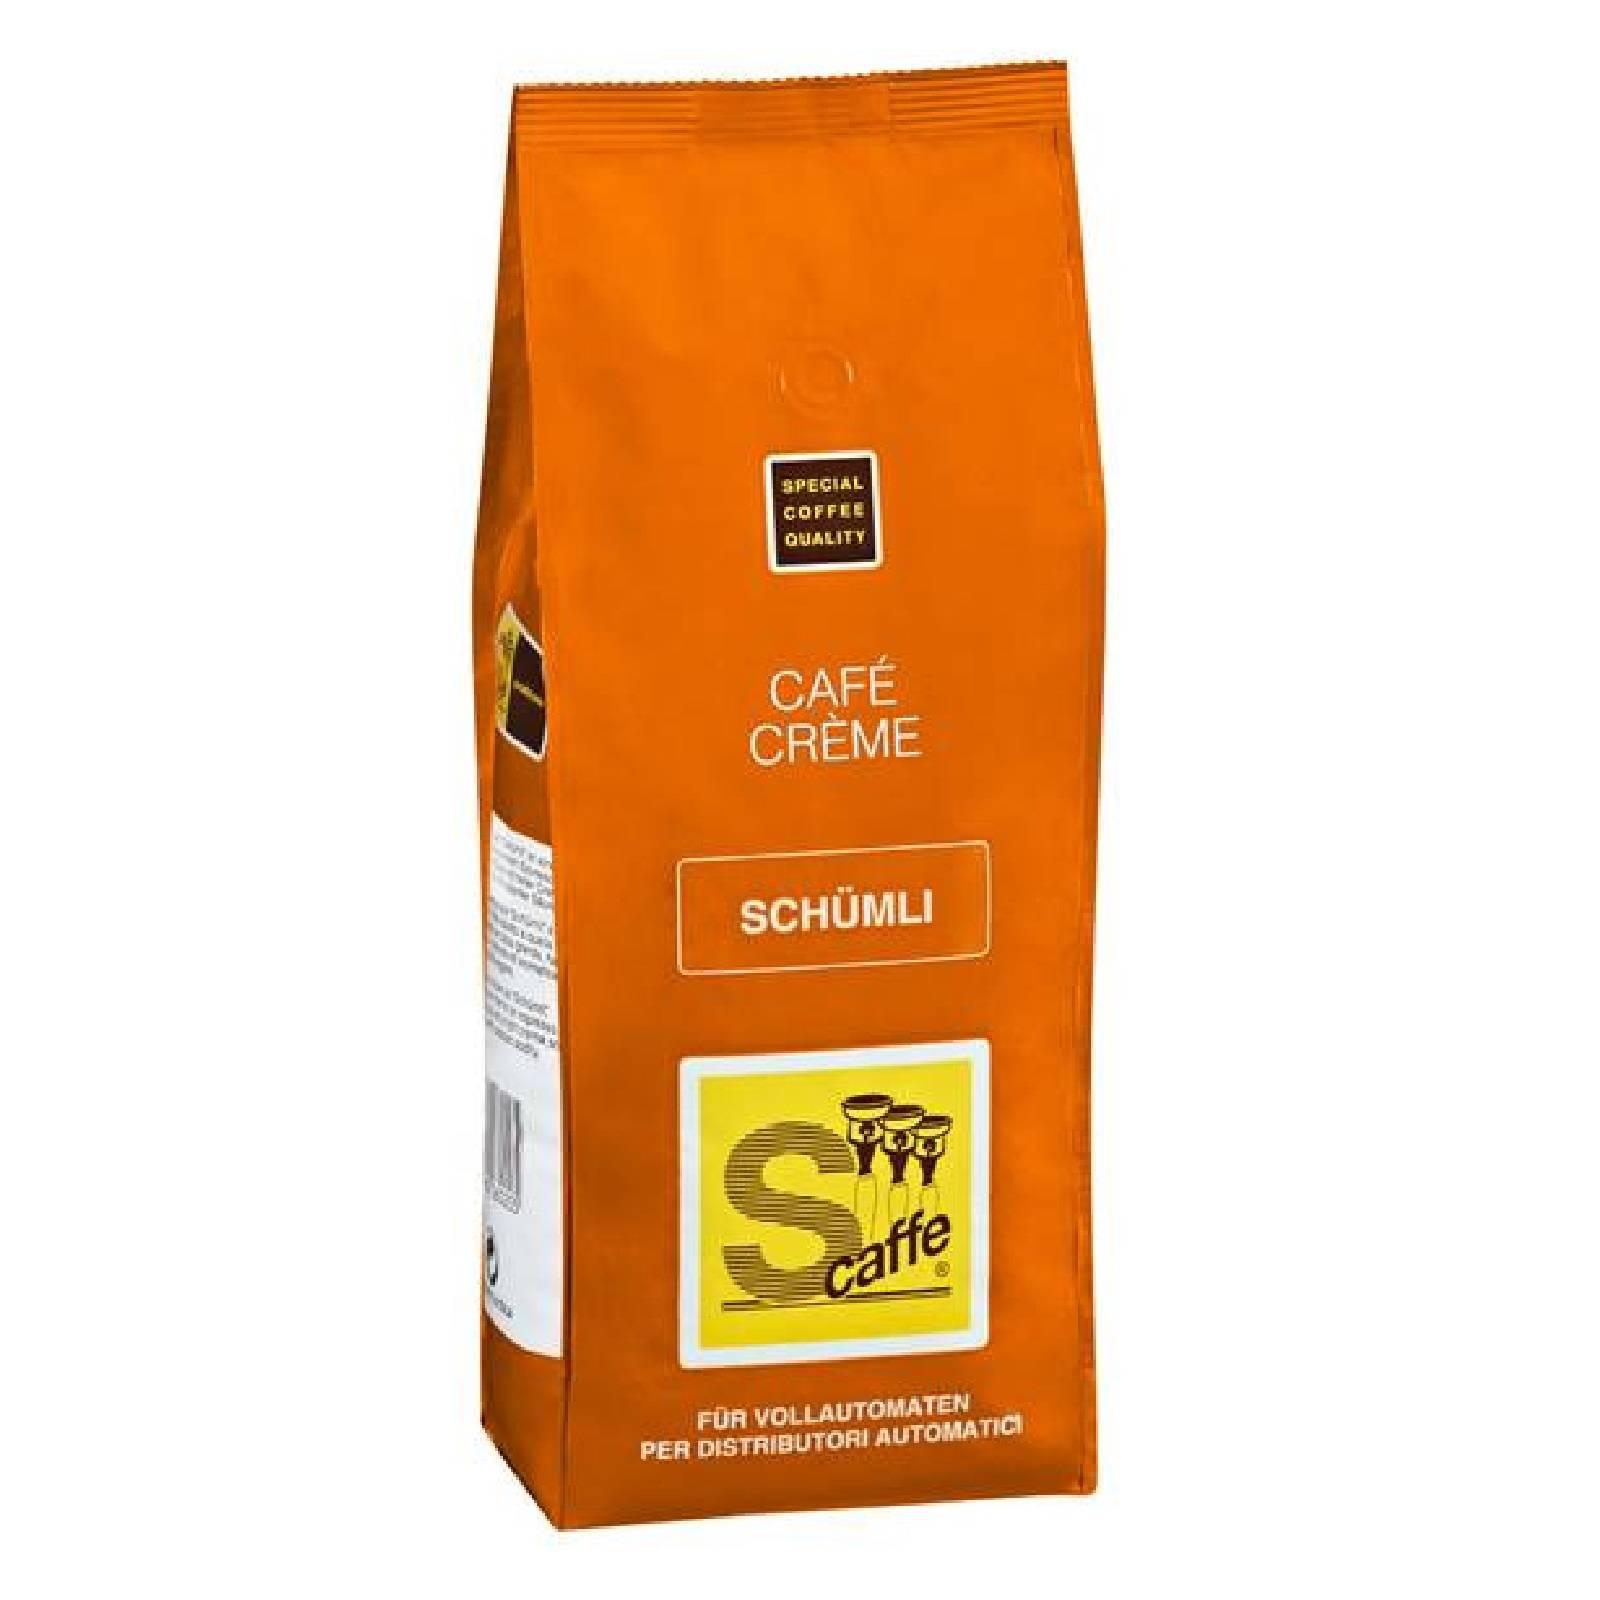 Café Crème Schümli 1000g Kaffee ganze Bohnen